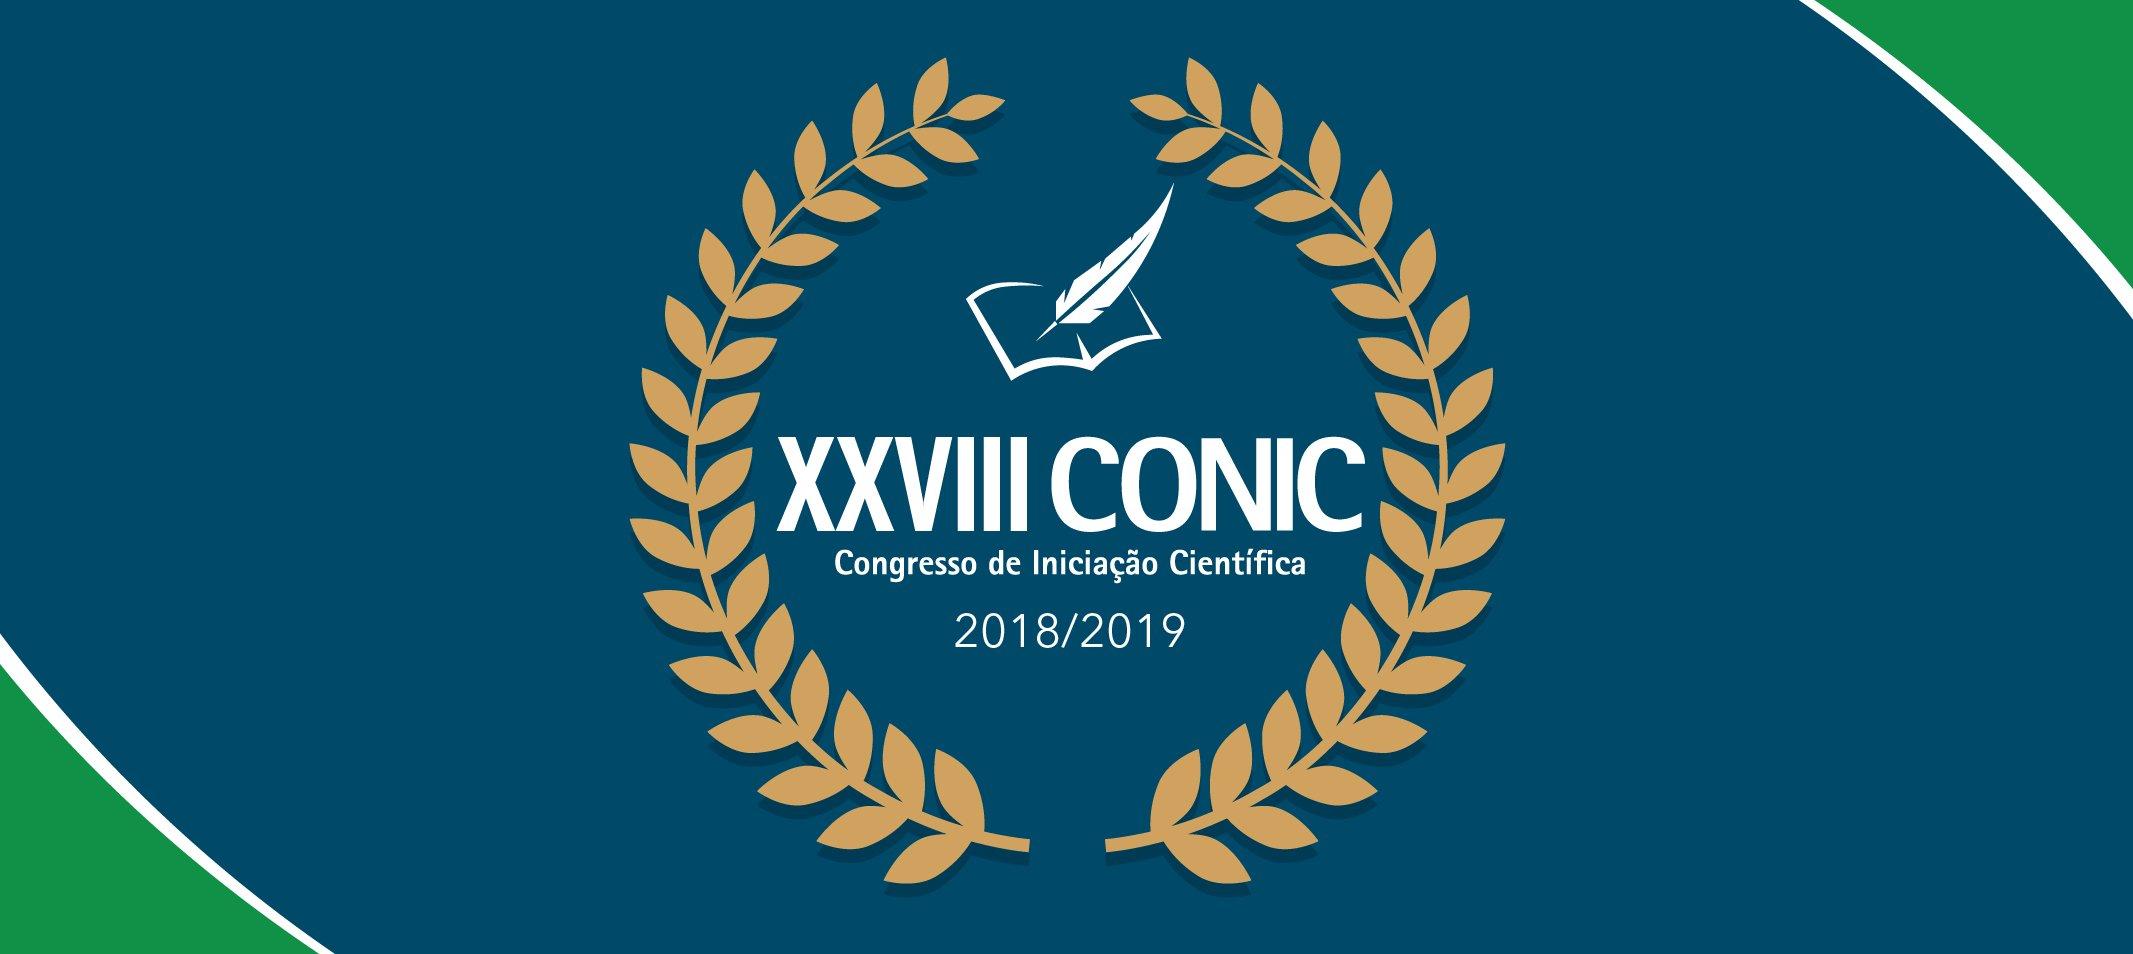 CONIC ocorrerá nos dias 7 e 8 de novembro de 2019 no Instituto de Ciências Sociais, Educação e Zootecnia